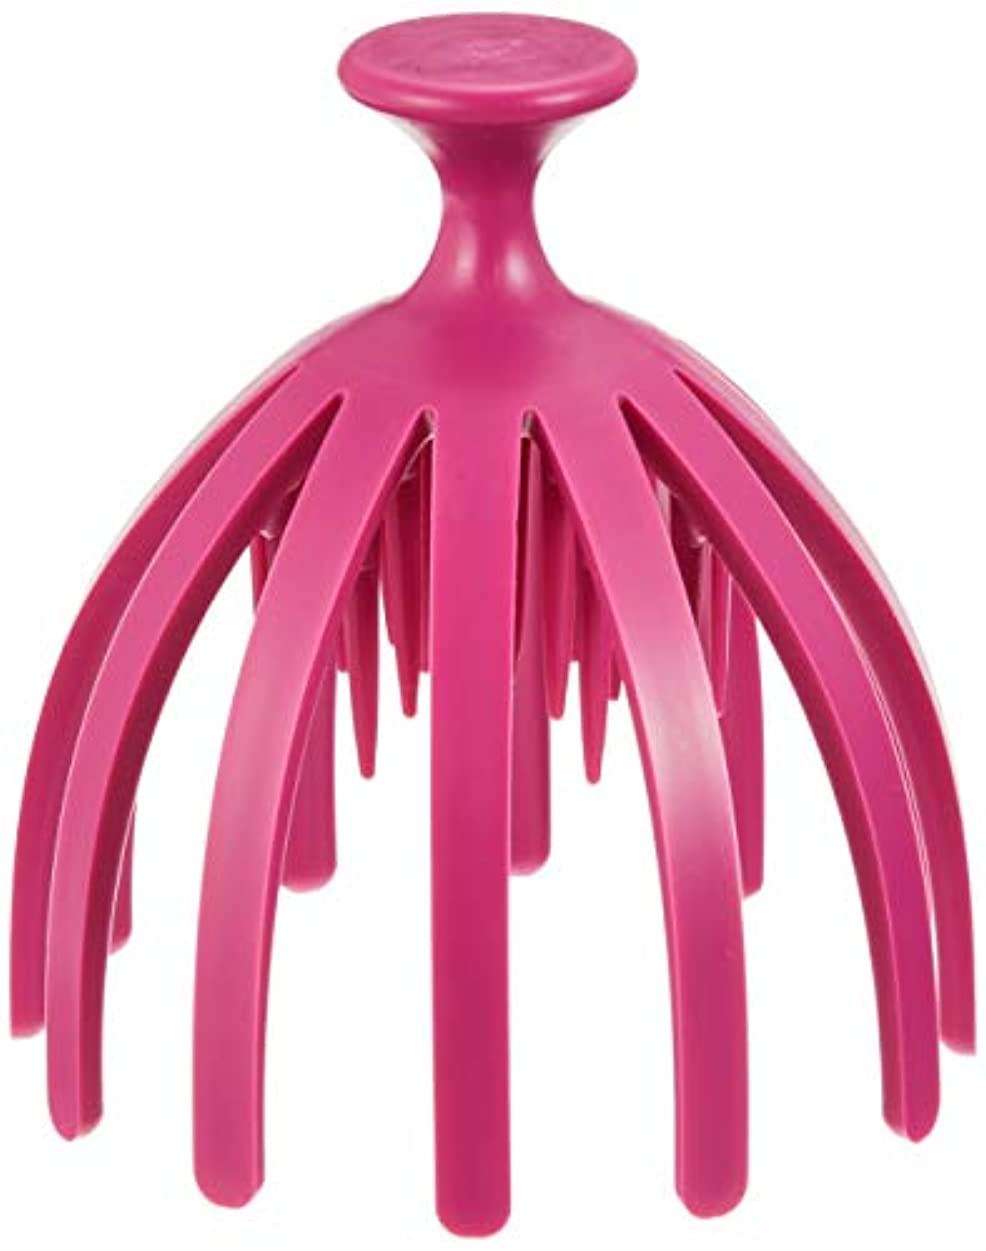 カリング有毒な器用ツボスパヘッド限定ギフトパッケージ ピンク